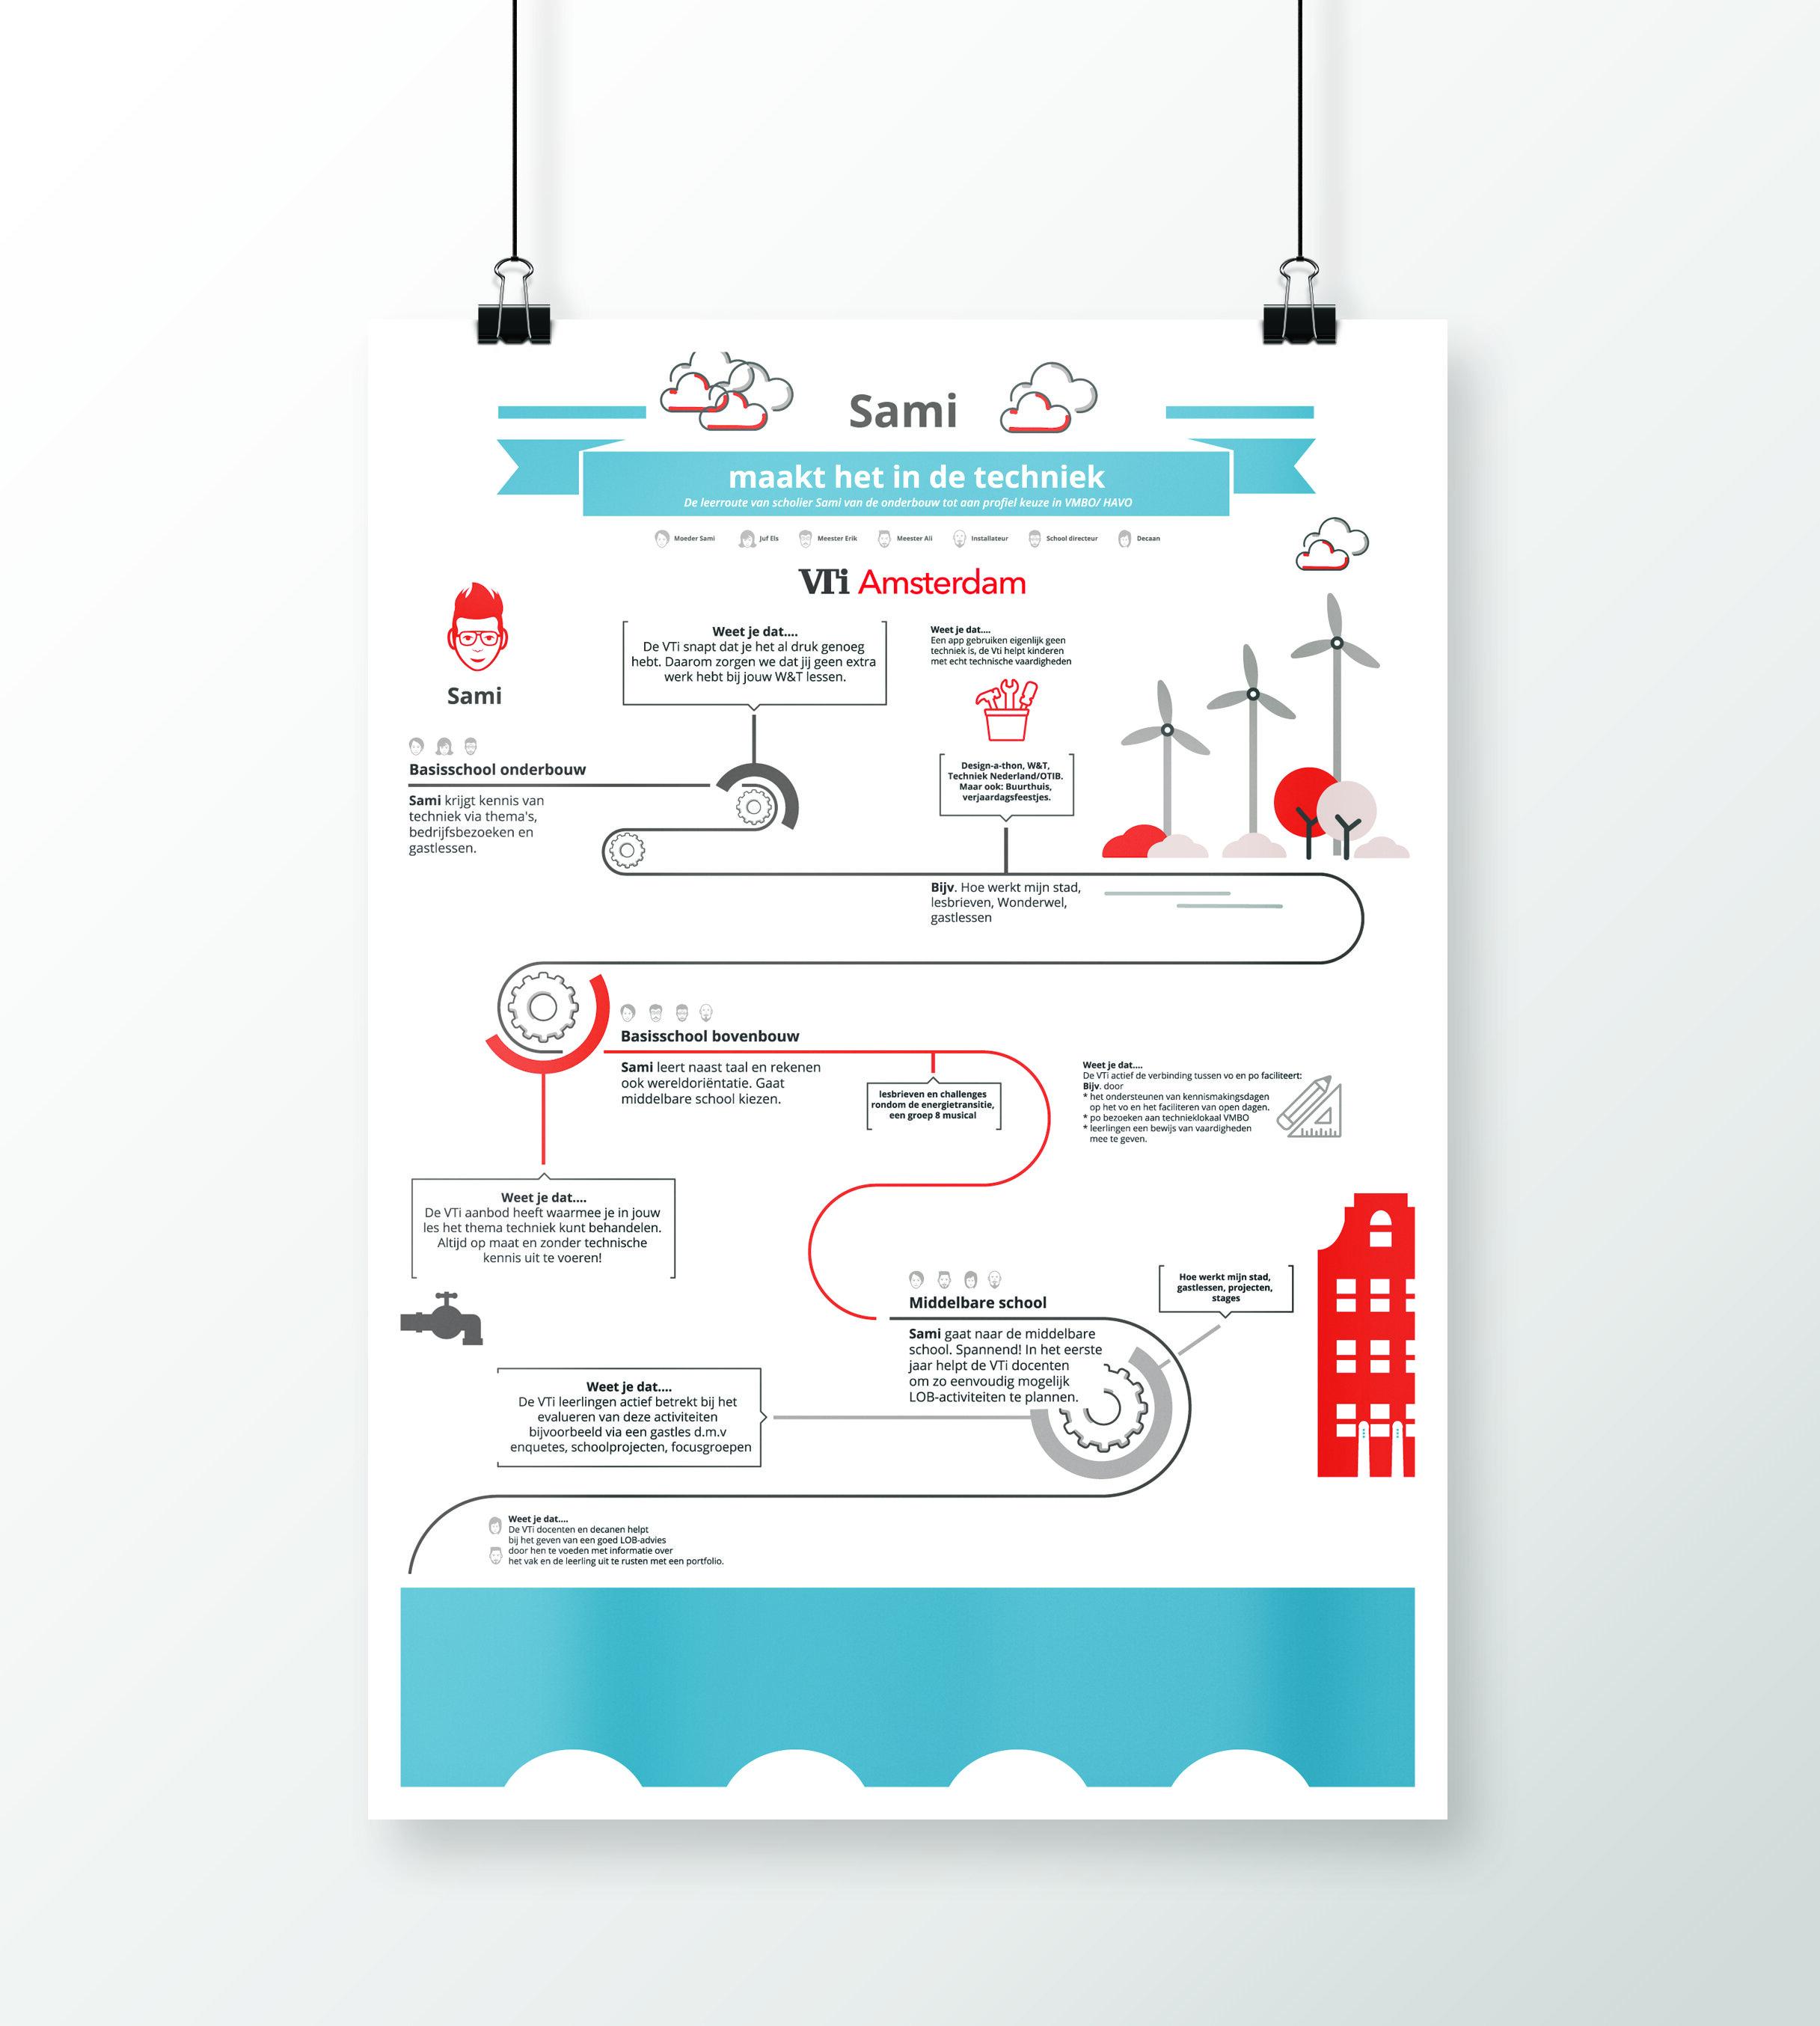 Unbeaten-studio-brand-infographic-customer-journey-sami.jpg